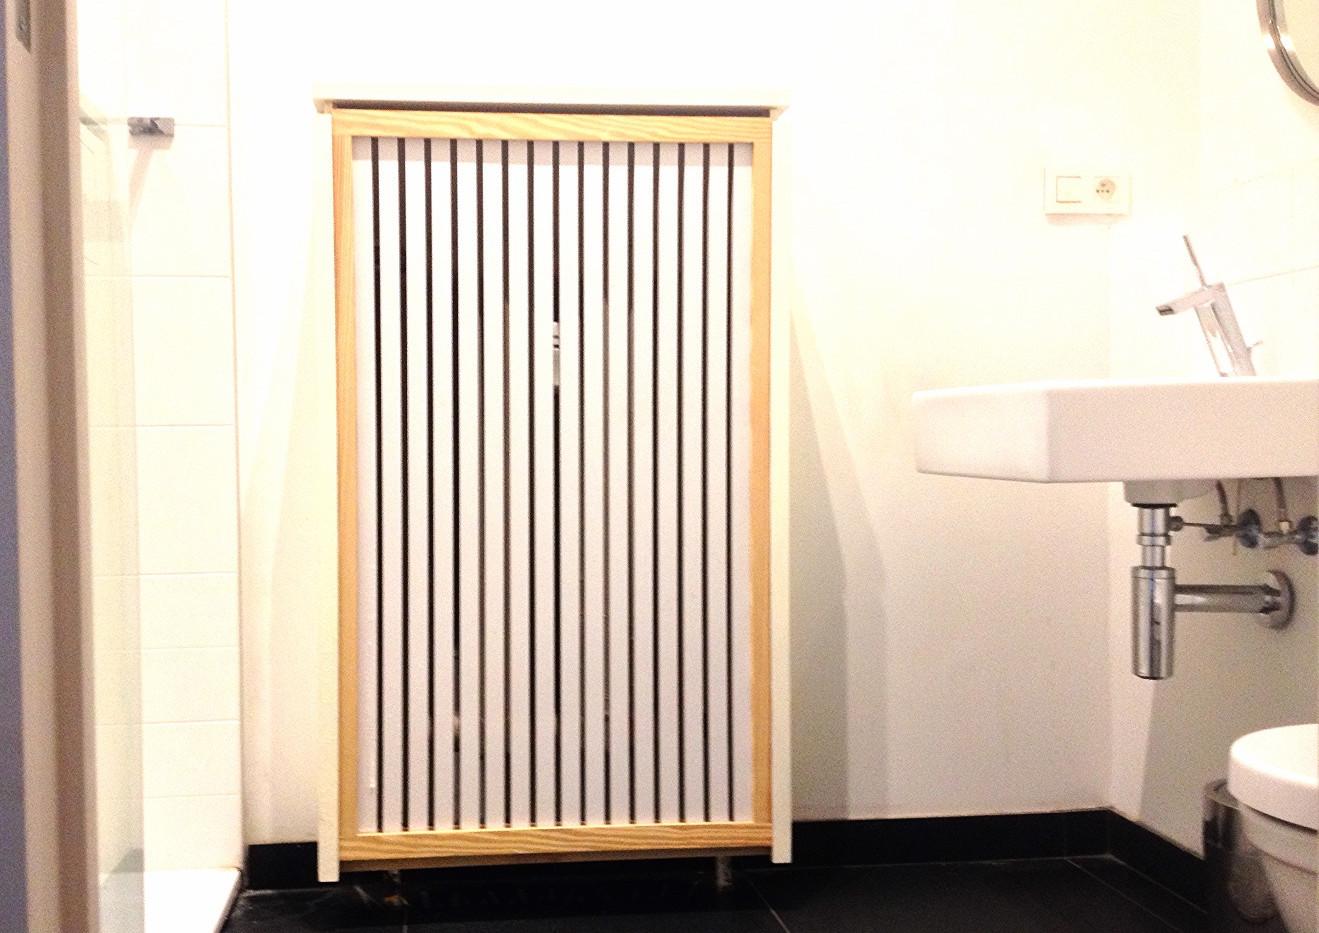 Shower room design architect Julien Legros.